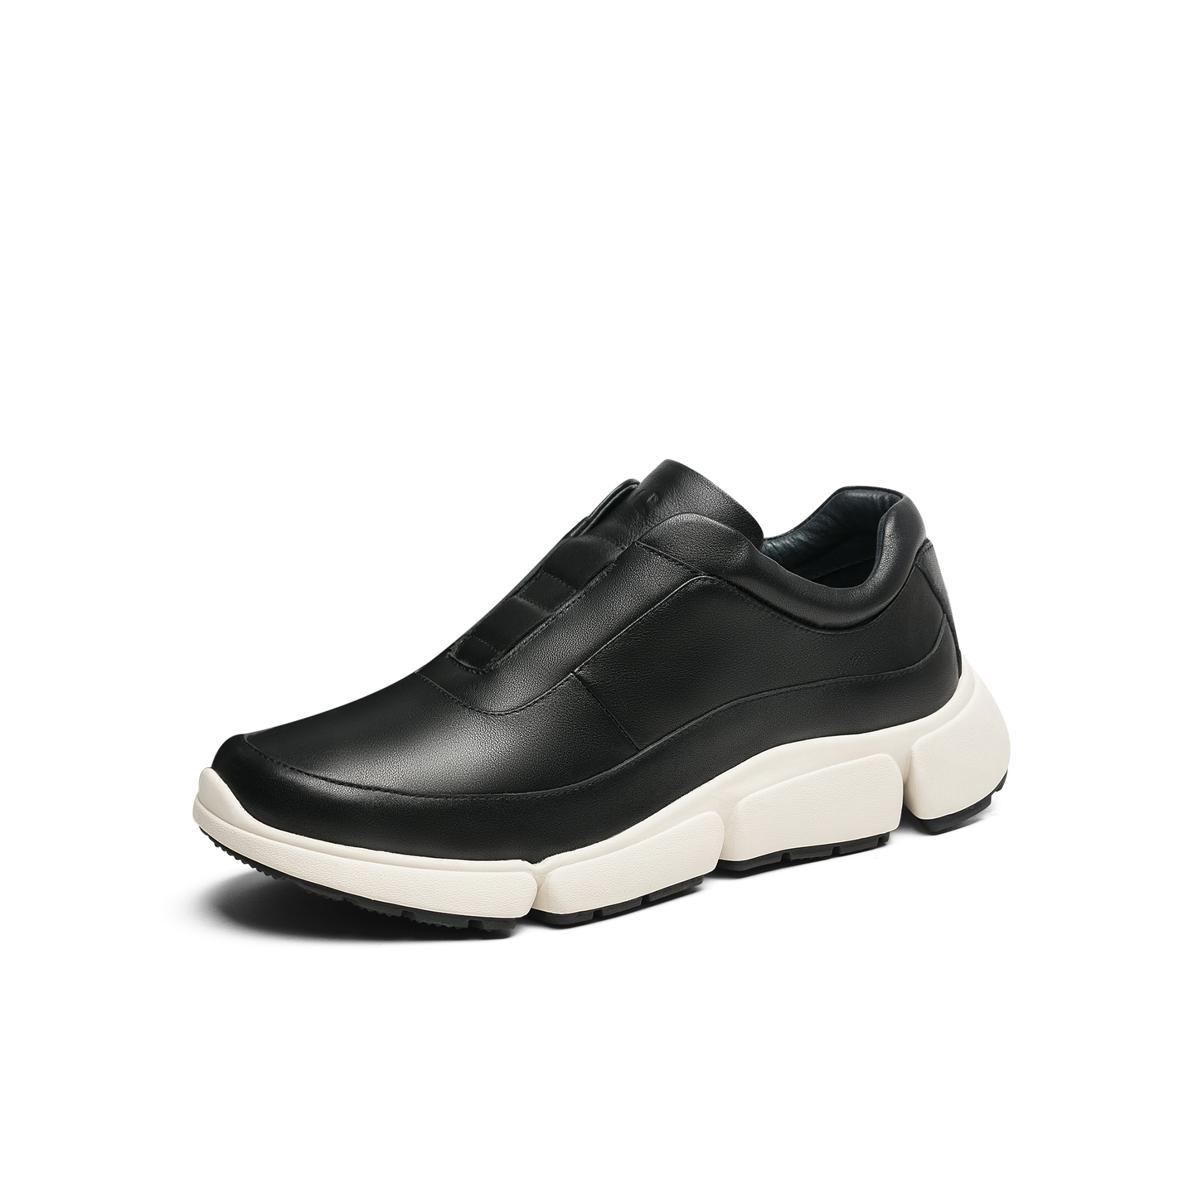 圣伽步SKAP/圣伽步秋冬季专柜同款牛皮时尚运动风厚底男休闲鞋1581609194